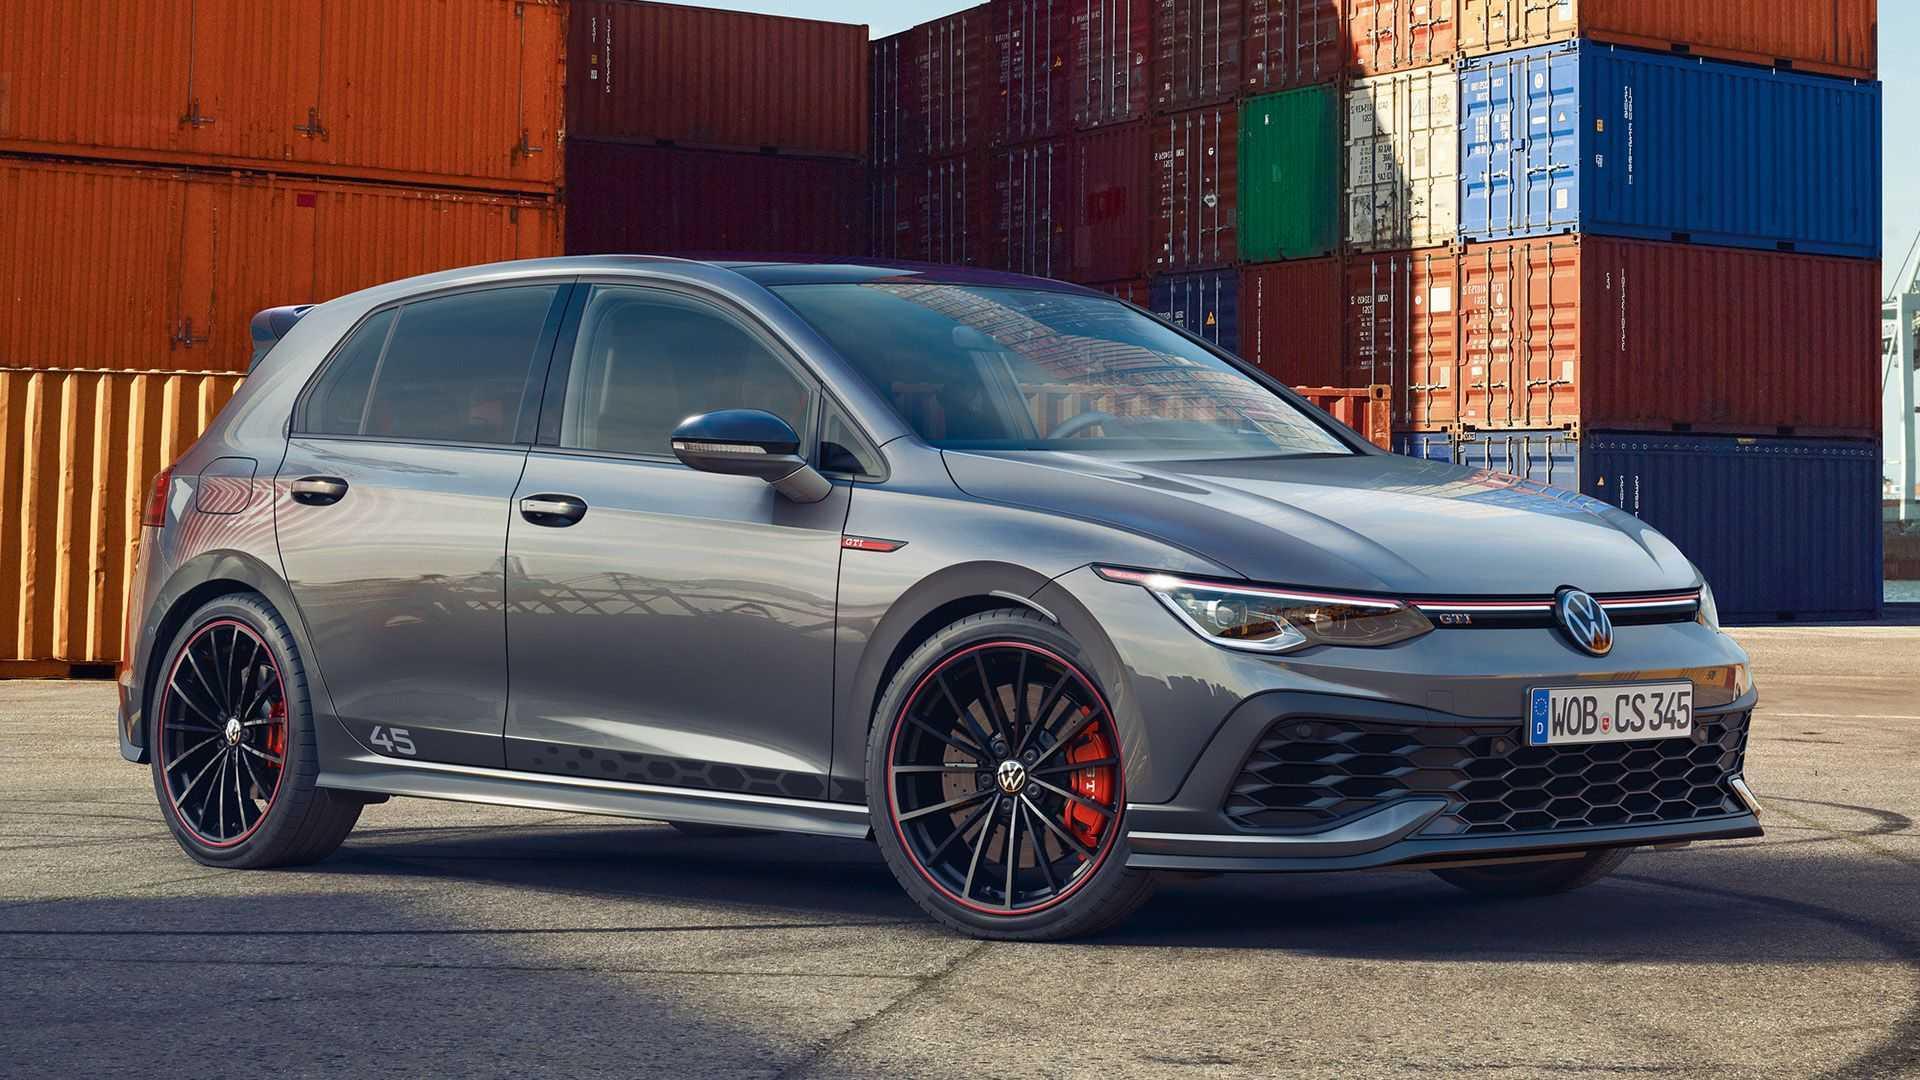 Volkswagen Golf GTI Clubsport 45 дебютирует как дань уважения истории горячих хэтчбеков